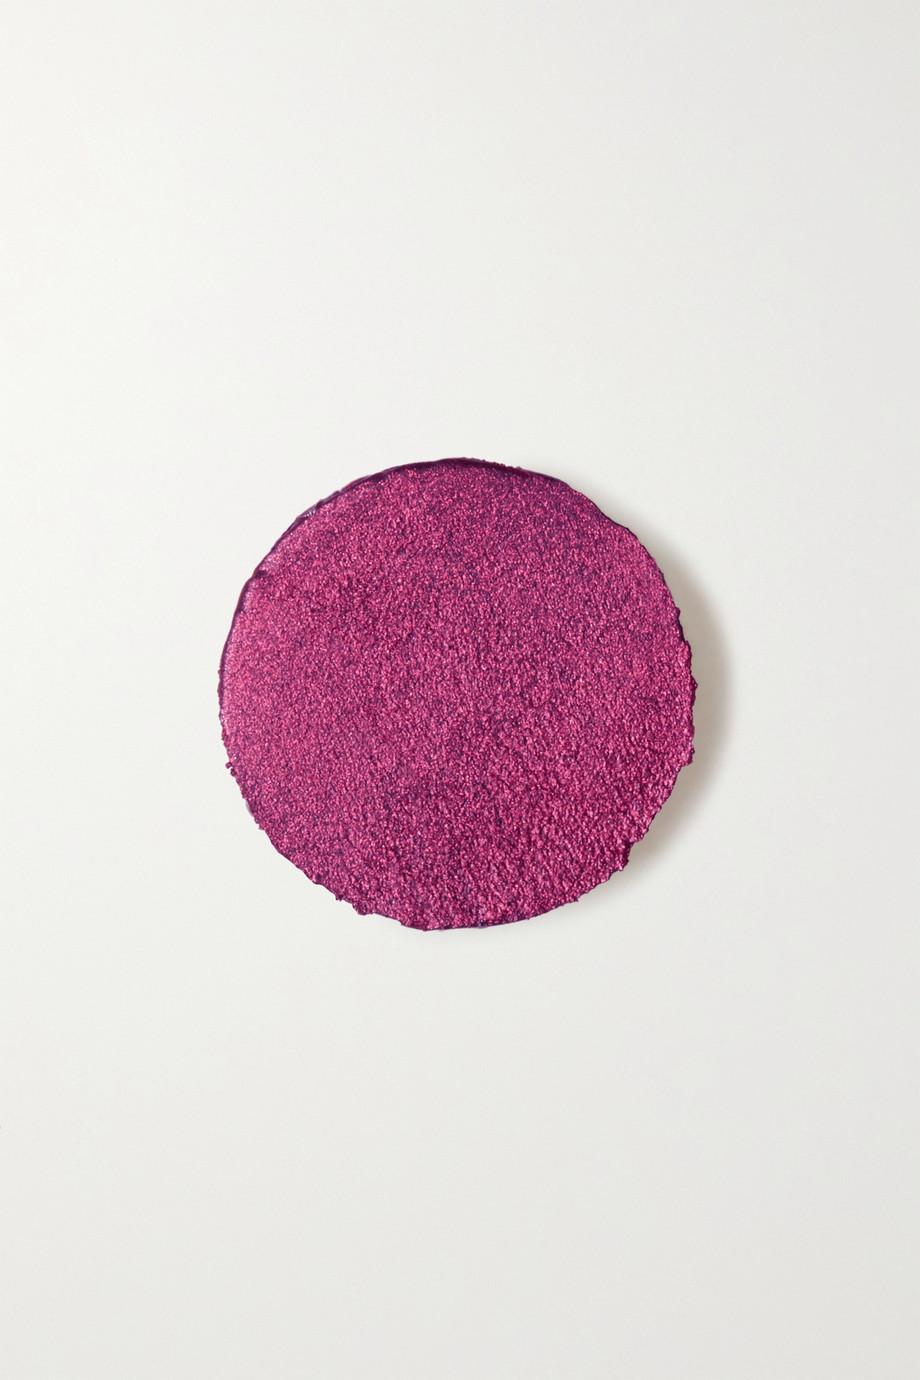 Gucci Beauty Rouge à Lèvres Gothique Lipstick - Billie Magenta 409